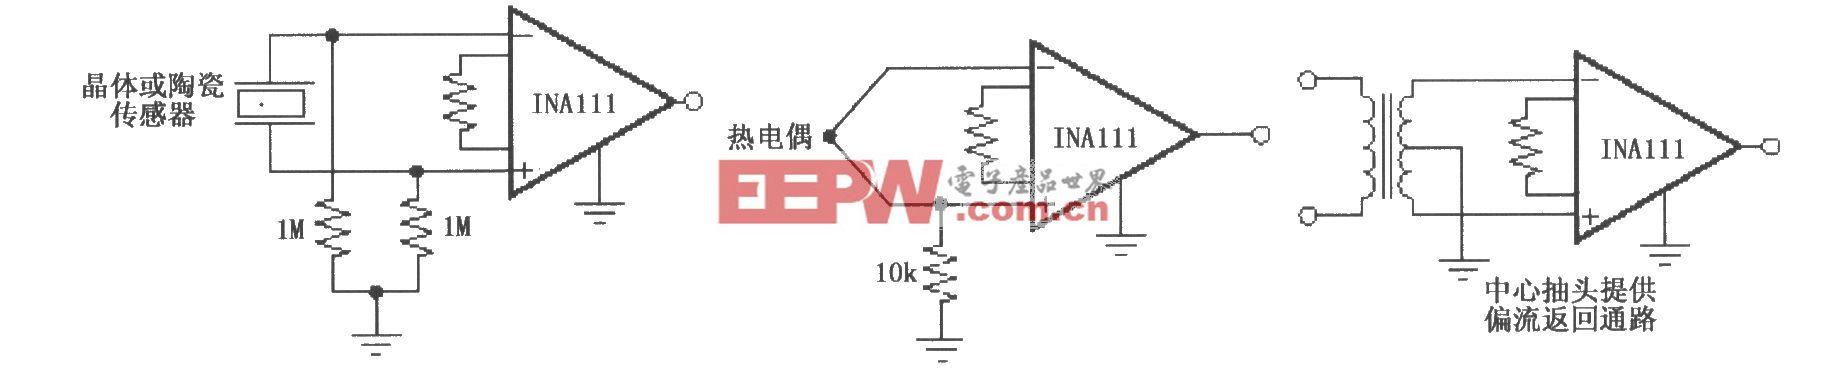 提供一条输入共模电流通路的放大电路(INA111)